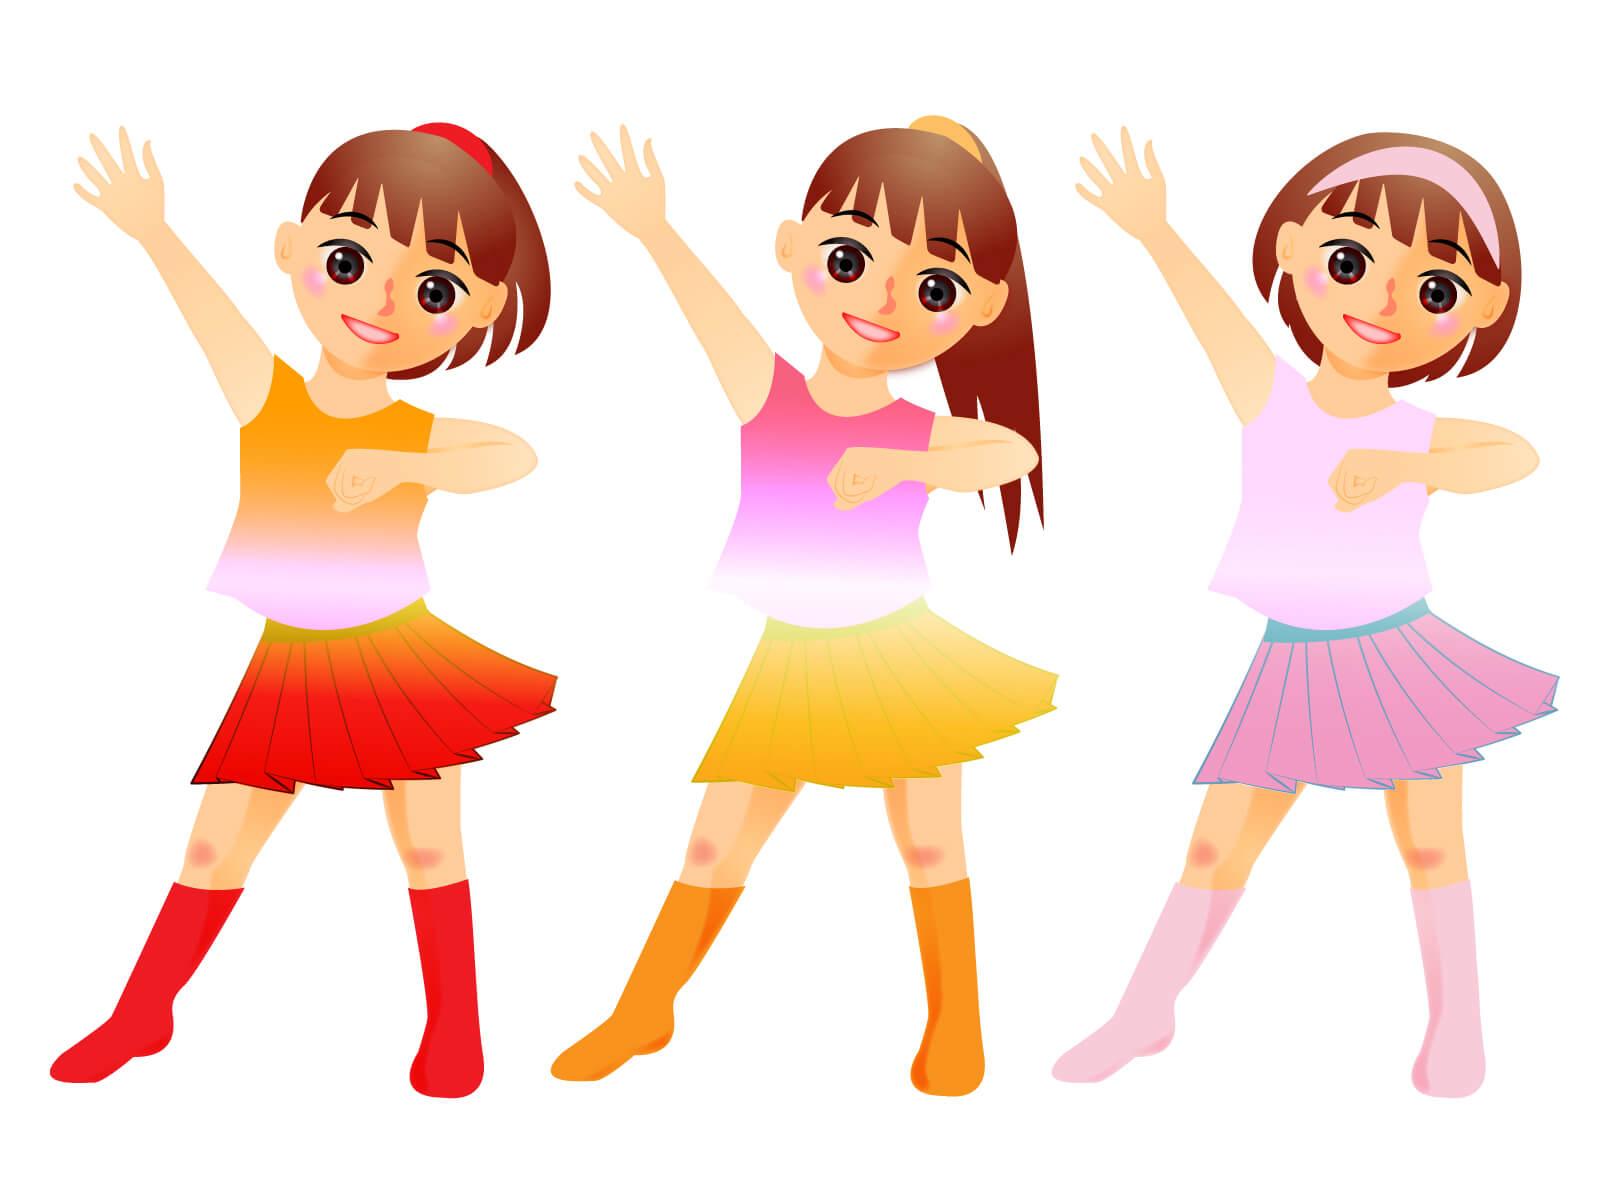 センセイ君主(映画)主題歌はTWICE!ダンス動画がかわいい!